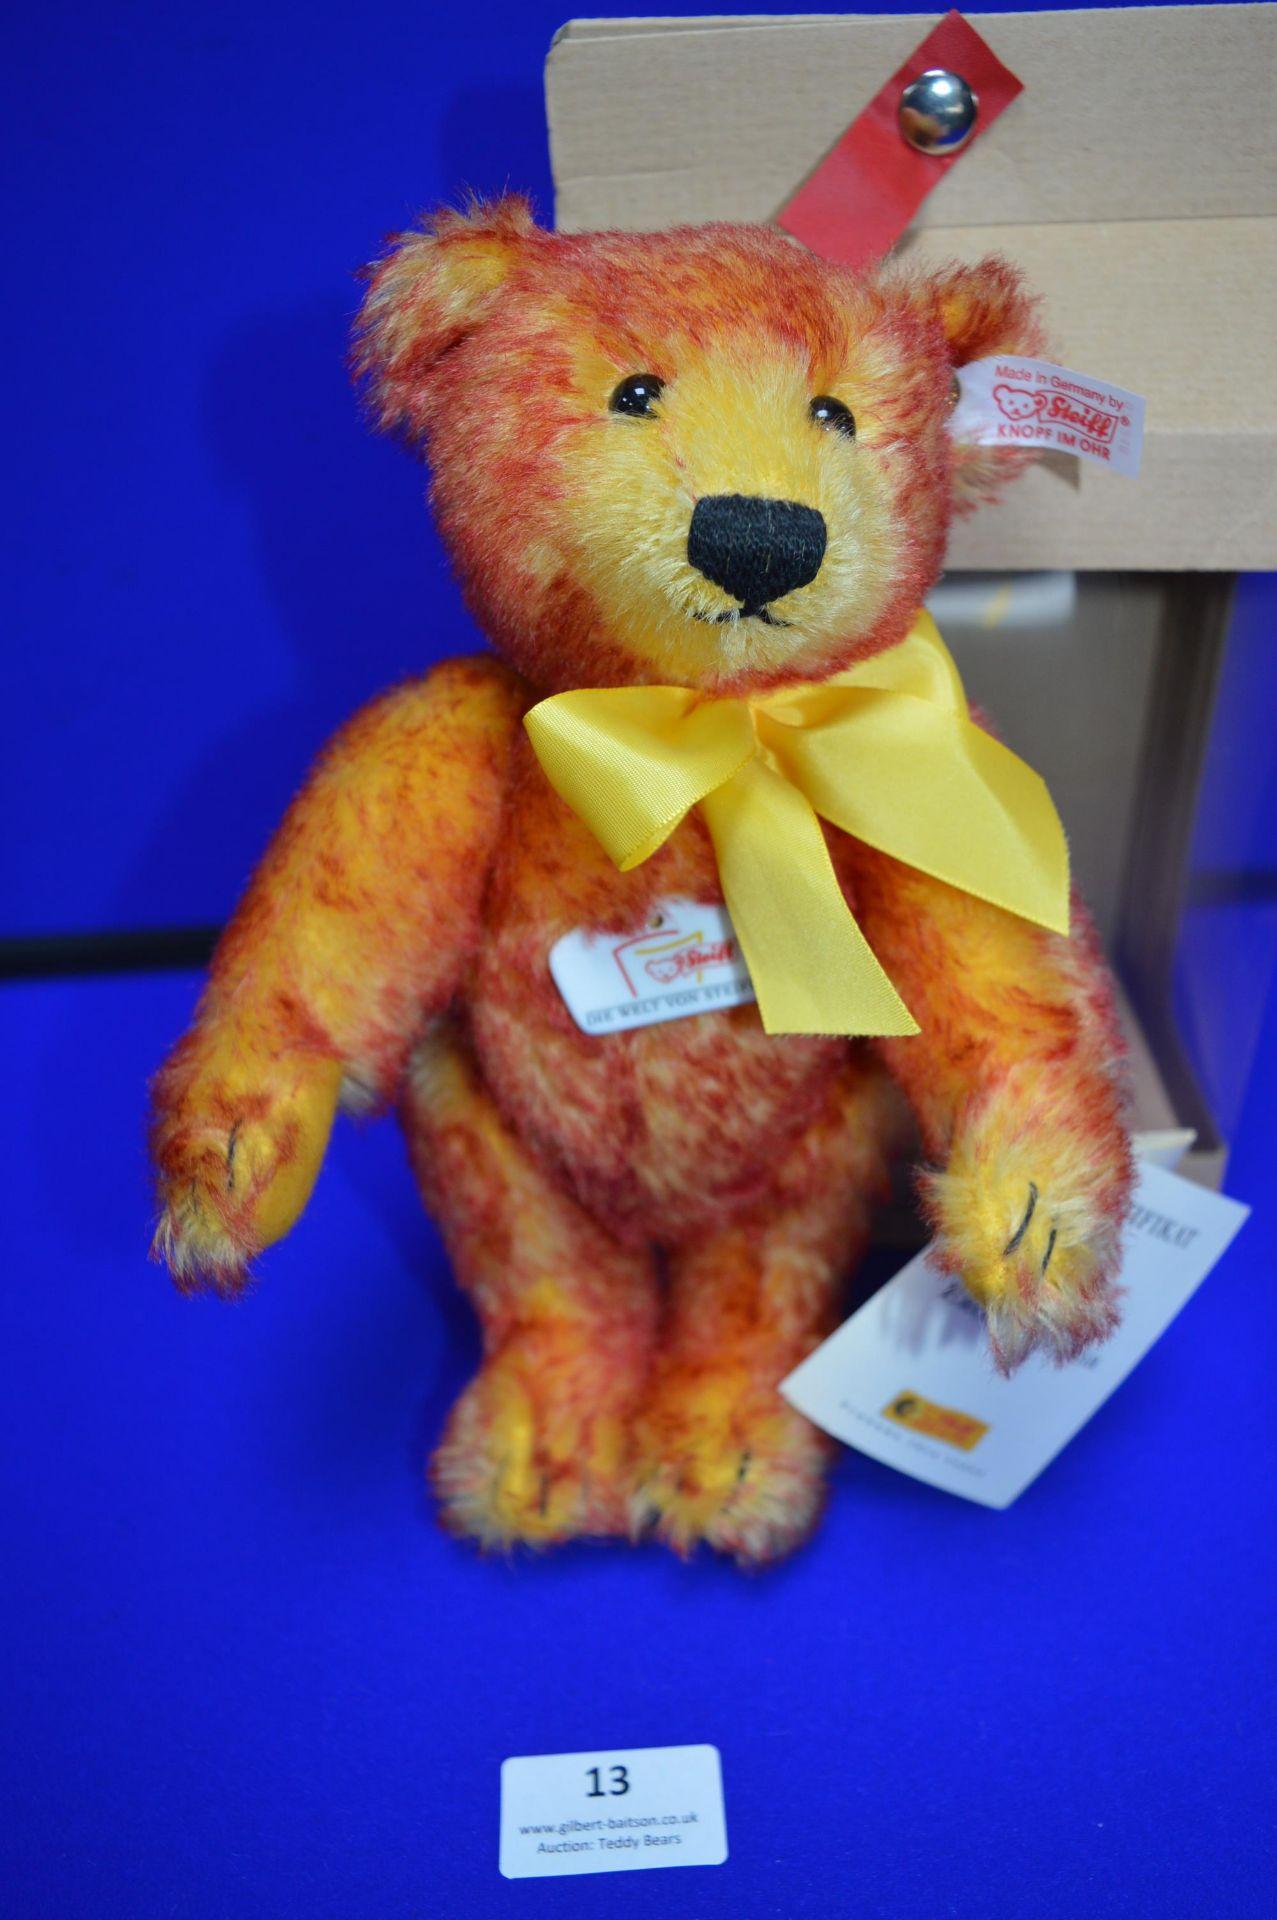 Steiff Celebration Bear (height 24cm) - Image 3 of 4